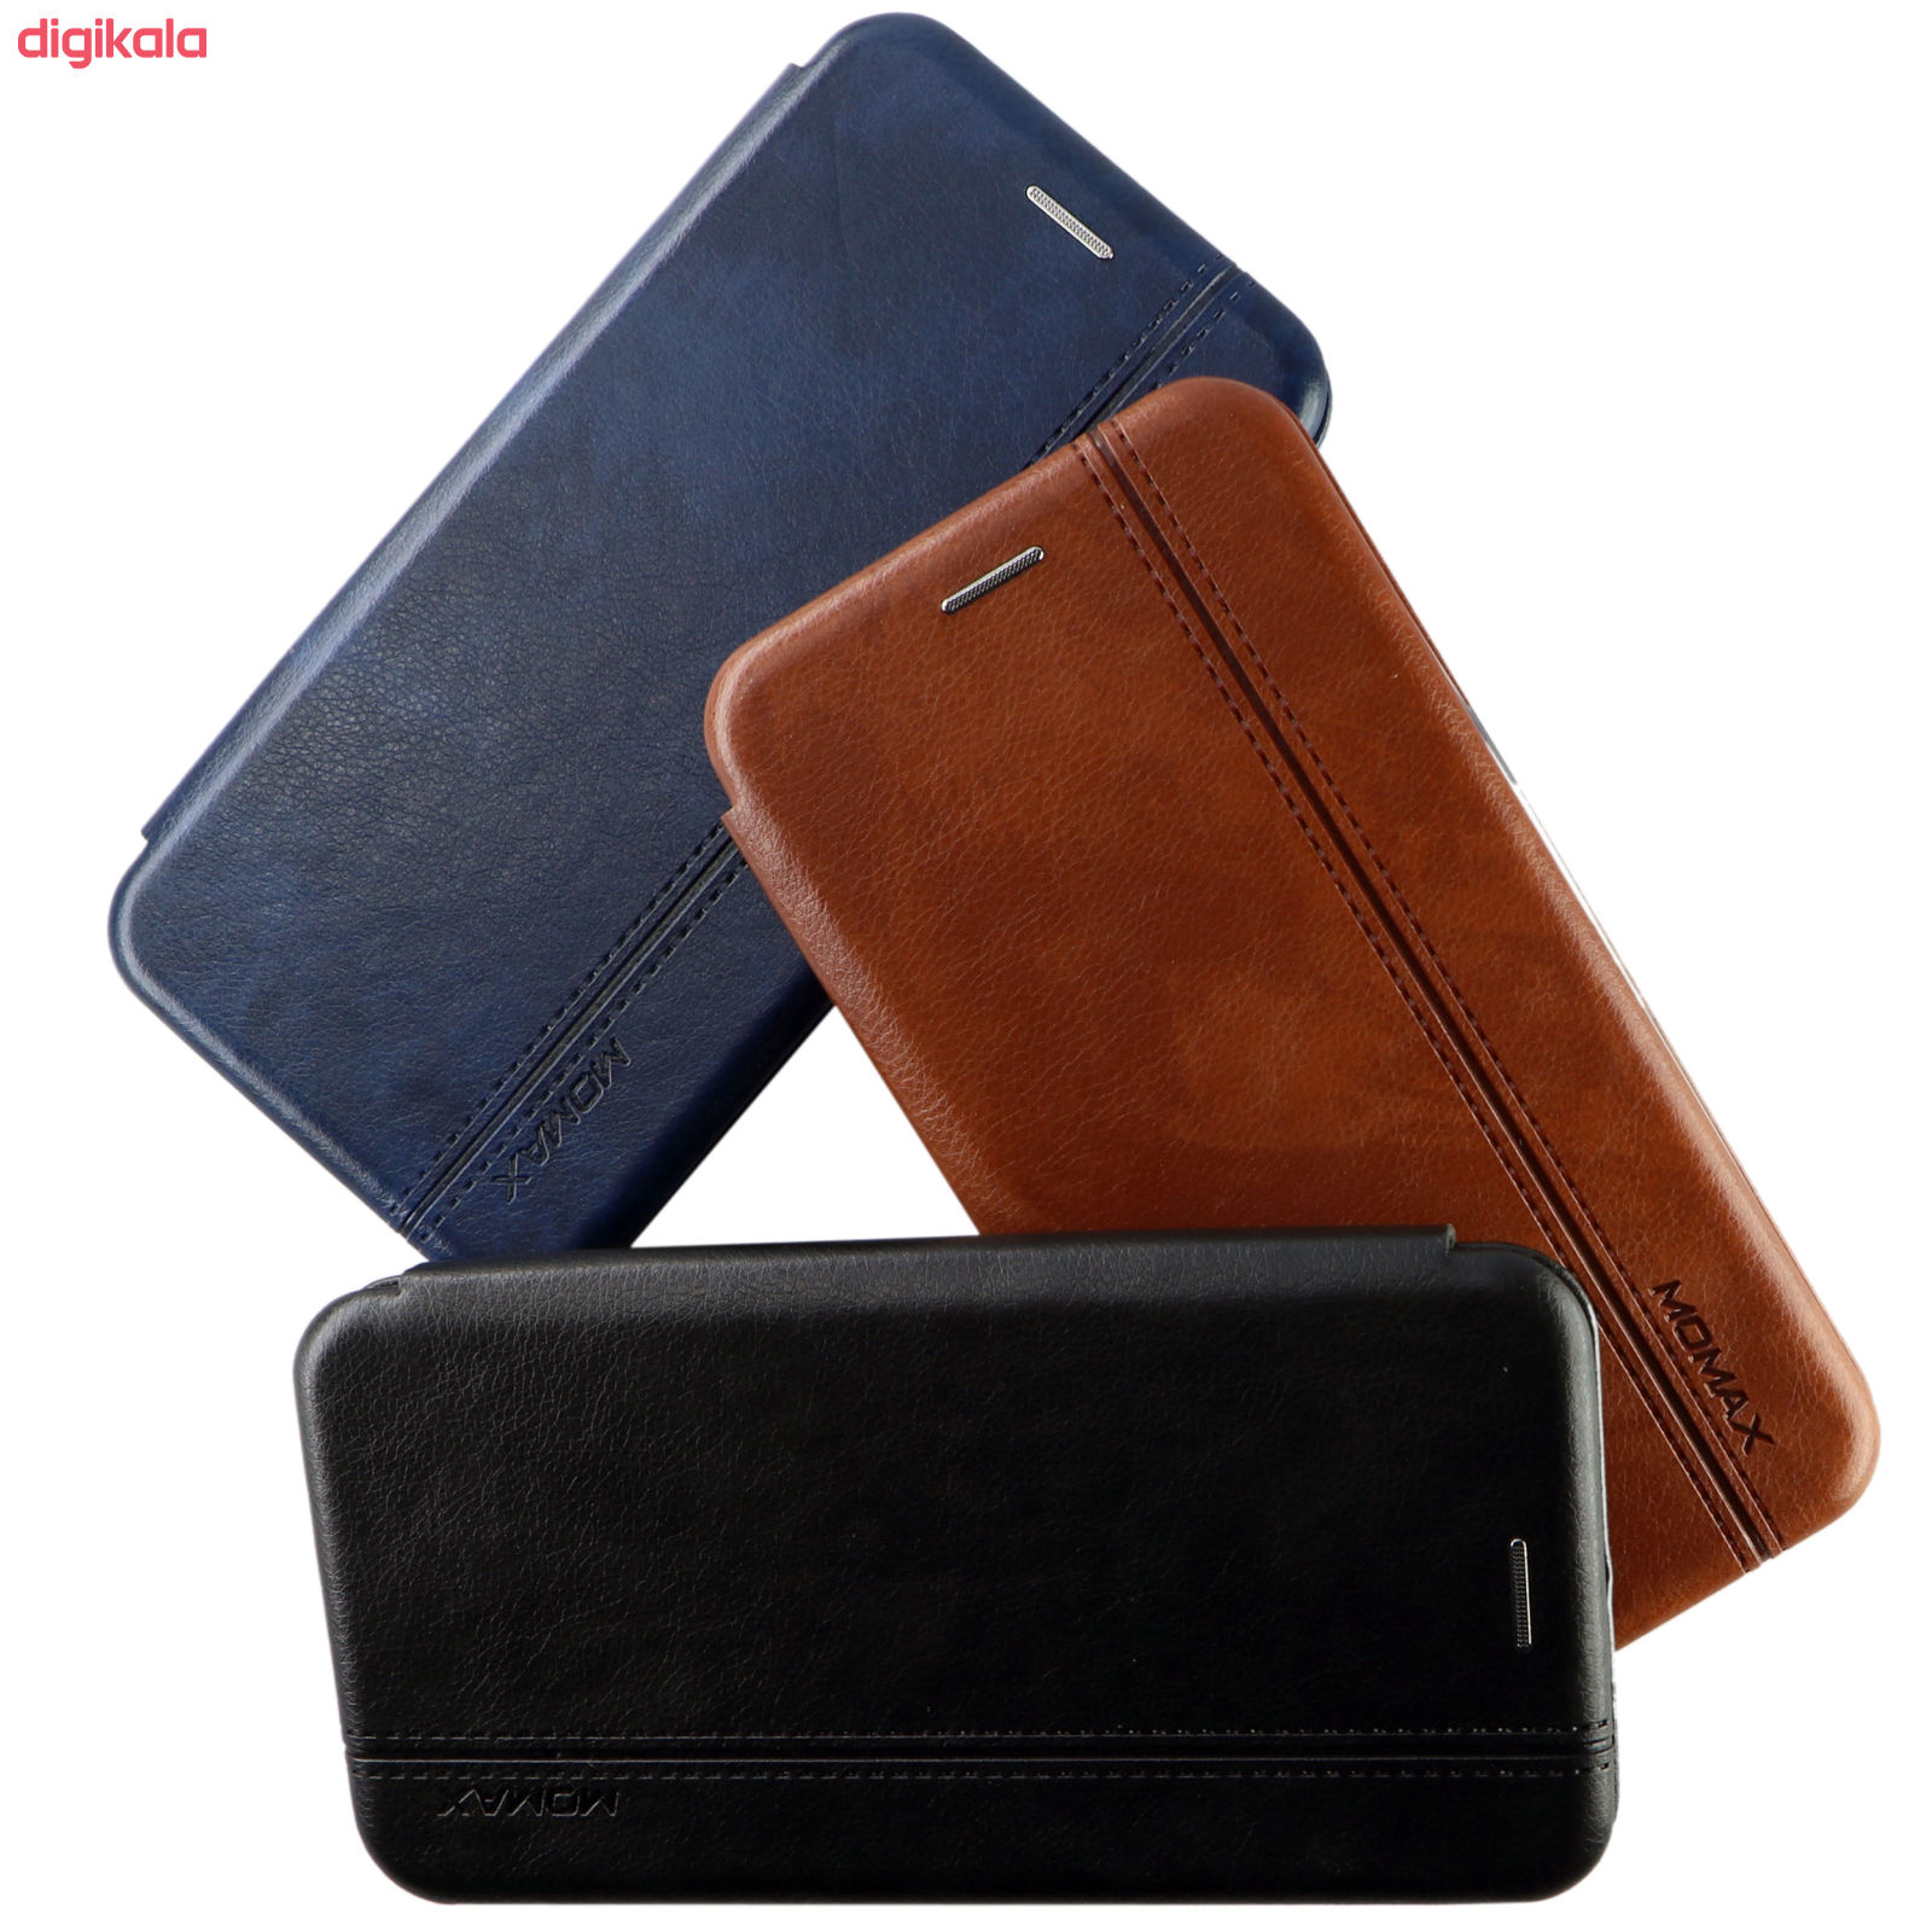 کیف کلاسوری مدل TX-818 مناسب برای گوشی موبایل هوآوی Y9 Prime 2019 / آنر 9X  main 1 6